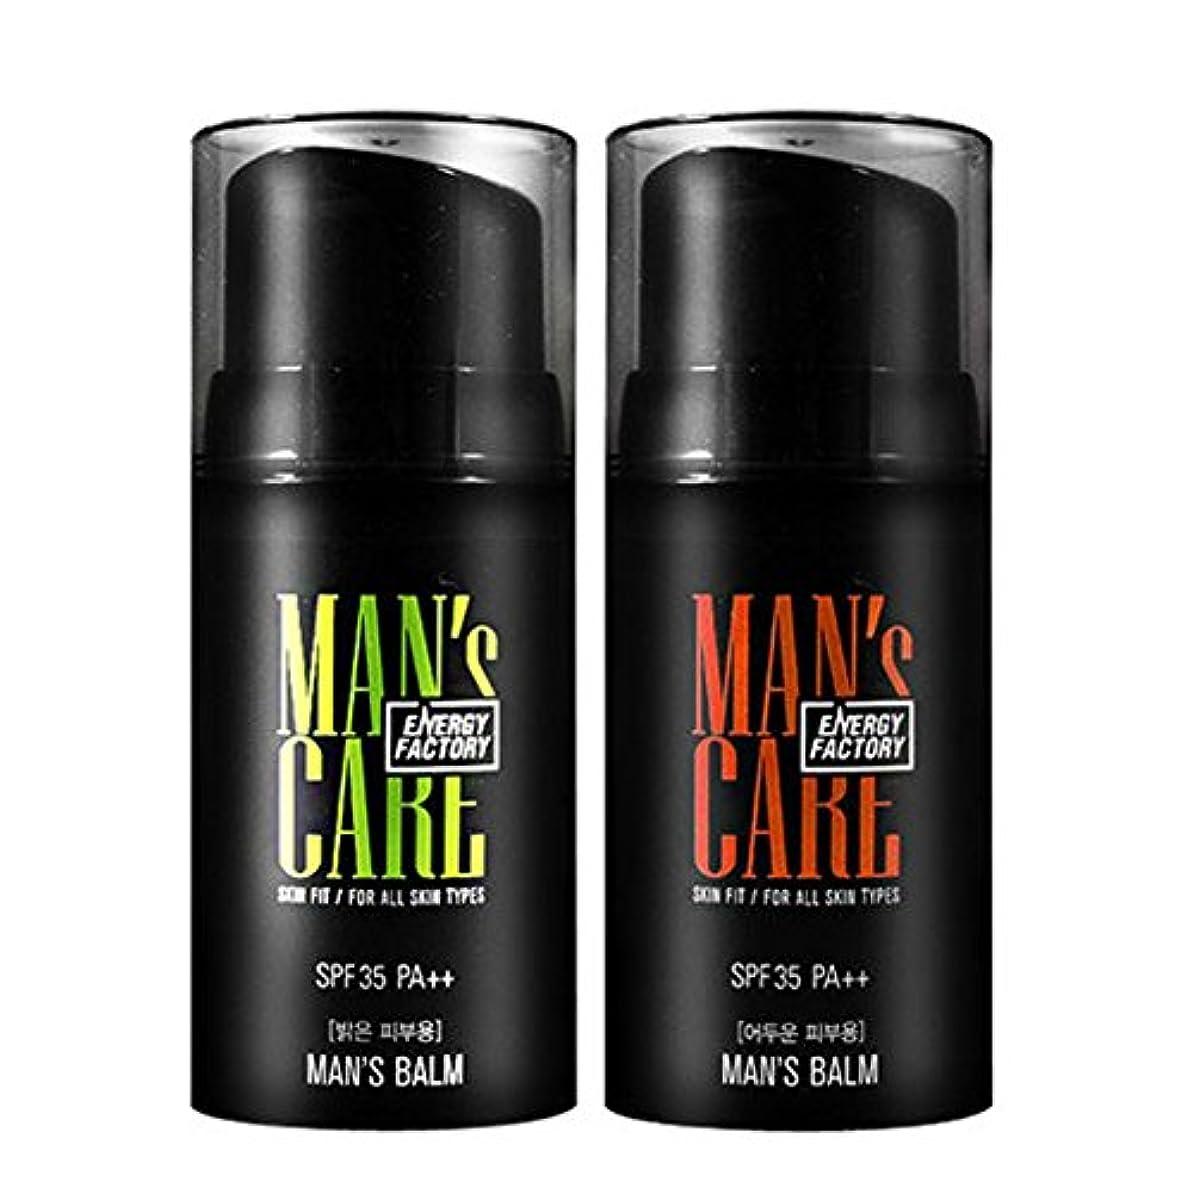 不信シールヨーロッパメンズケアエネルギーファクトリースキンフィット?マンズ?Balm 50ml x 2本セット(明るい肌用、暗い肌用) メンズコスメ、Man's Care Energy Factory Skin Fit Man's Balm...